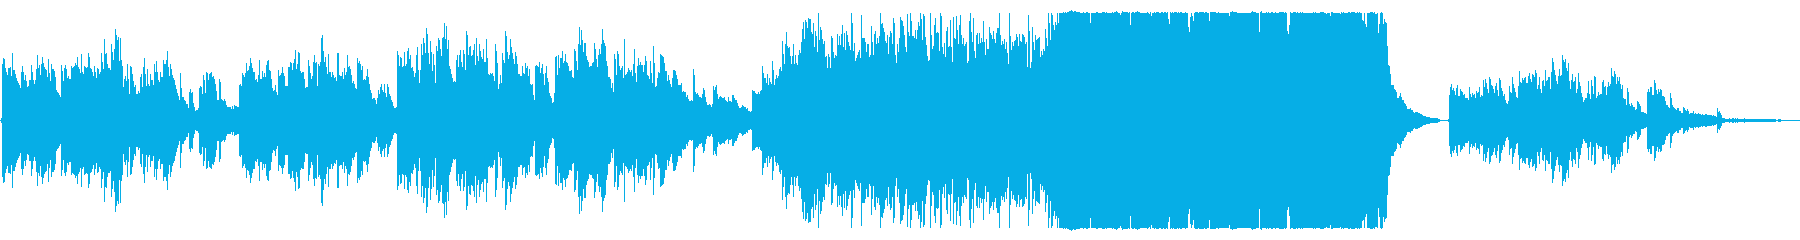 切なくも感動的な映像向けバイオリン小編成の再生済みの波形